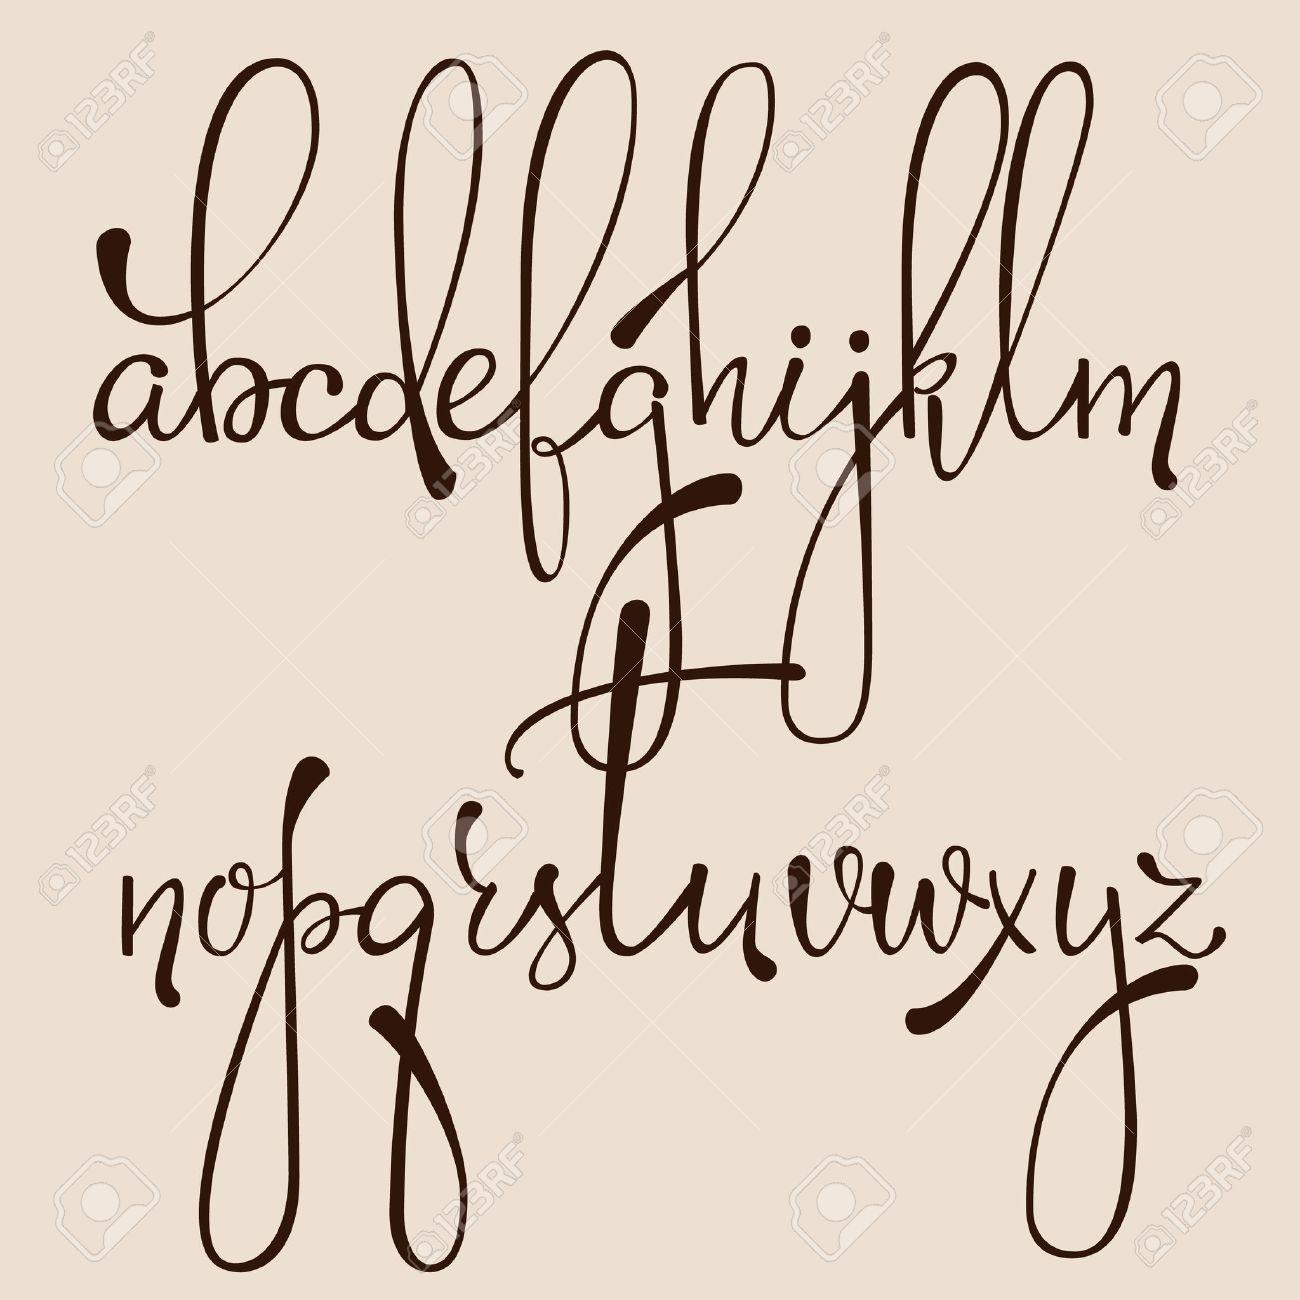 先の尖ったペン インク スタイル dacorative 書道草書フォントを手書き